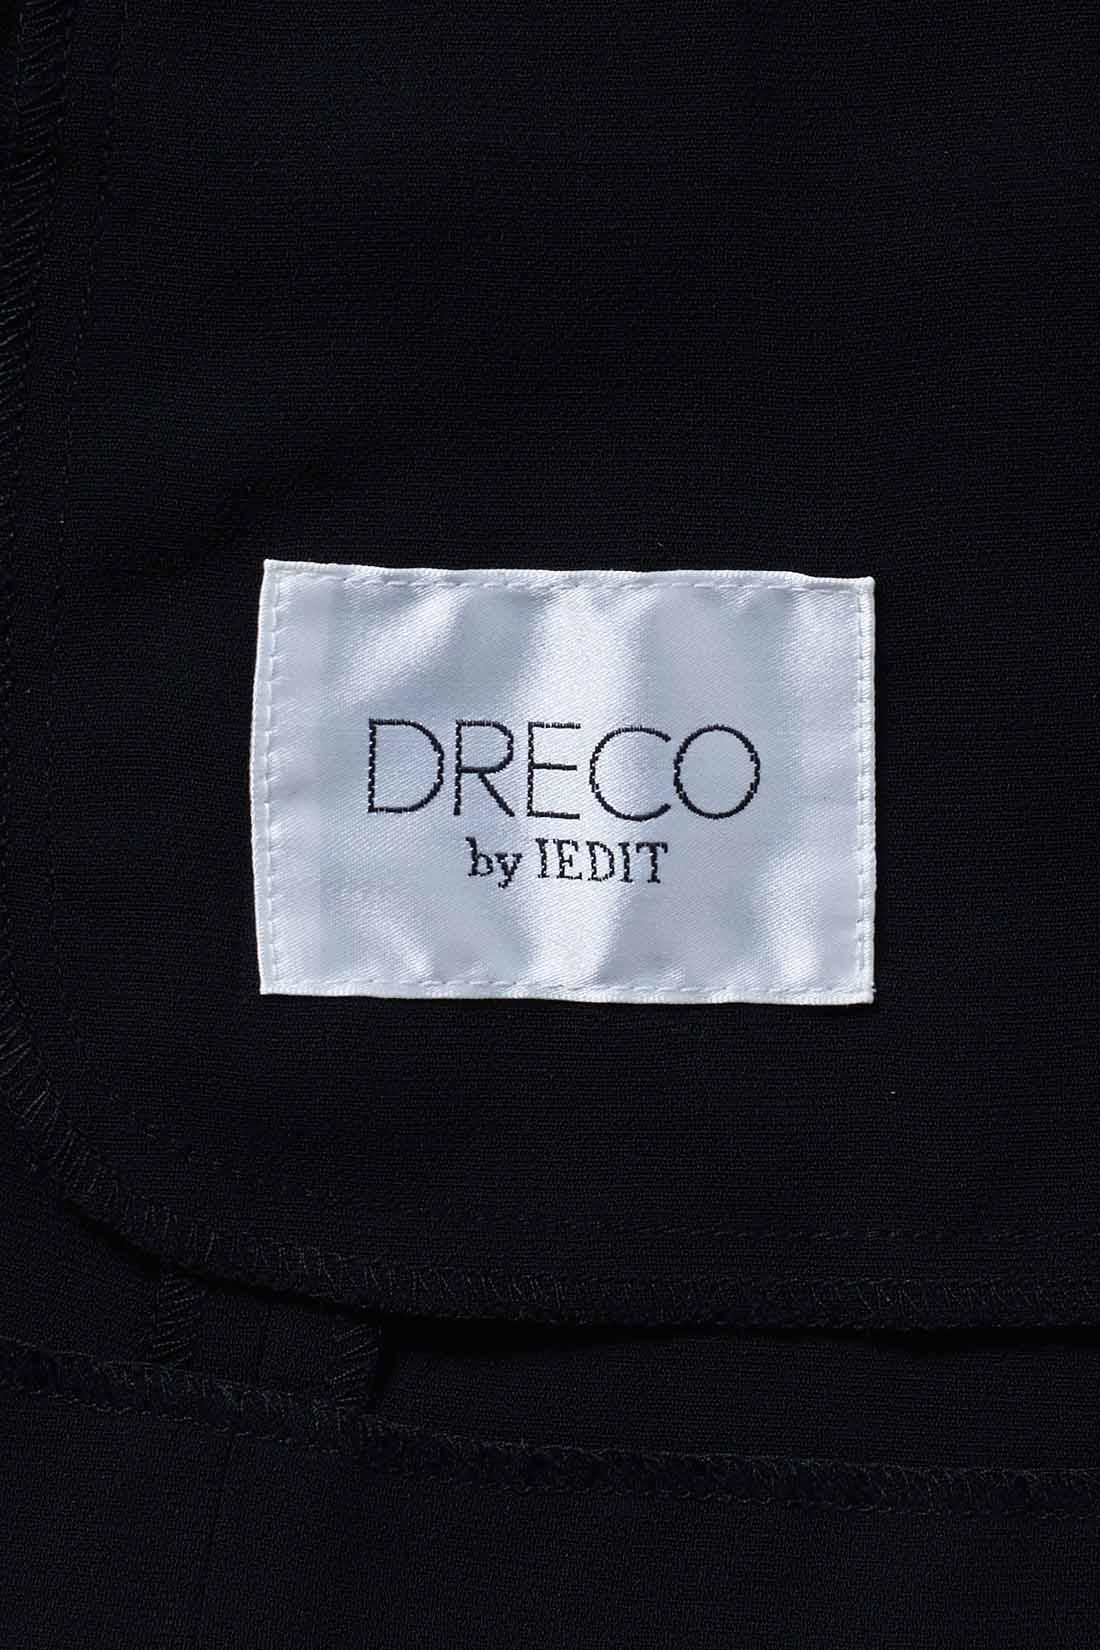 左ポケット位置の内側にはDRECOのブランドタグ。